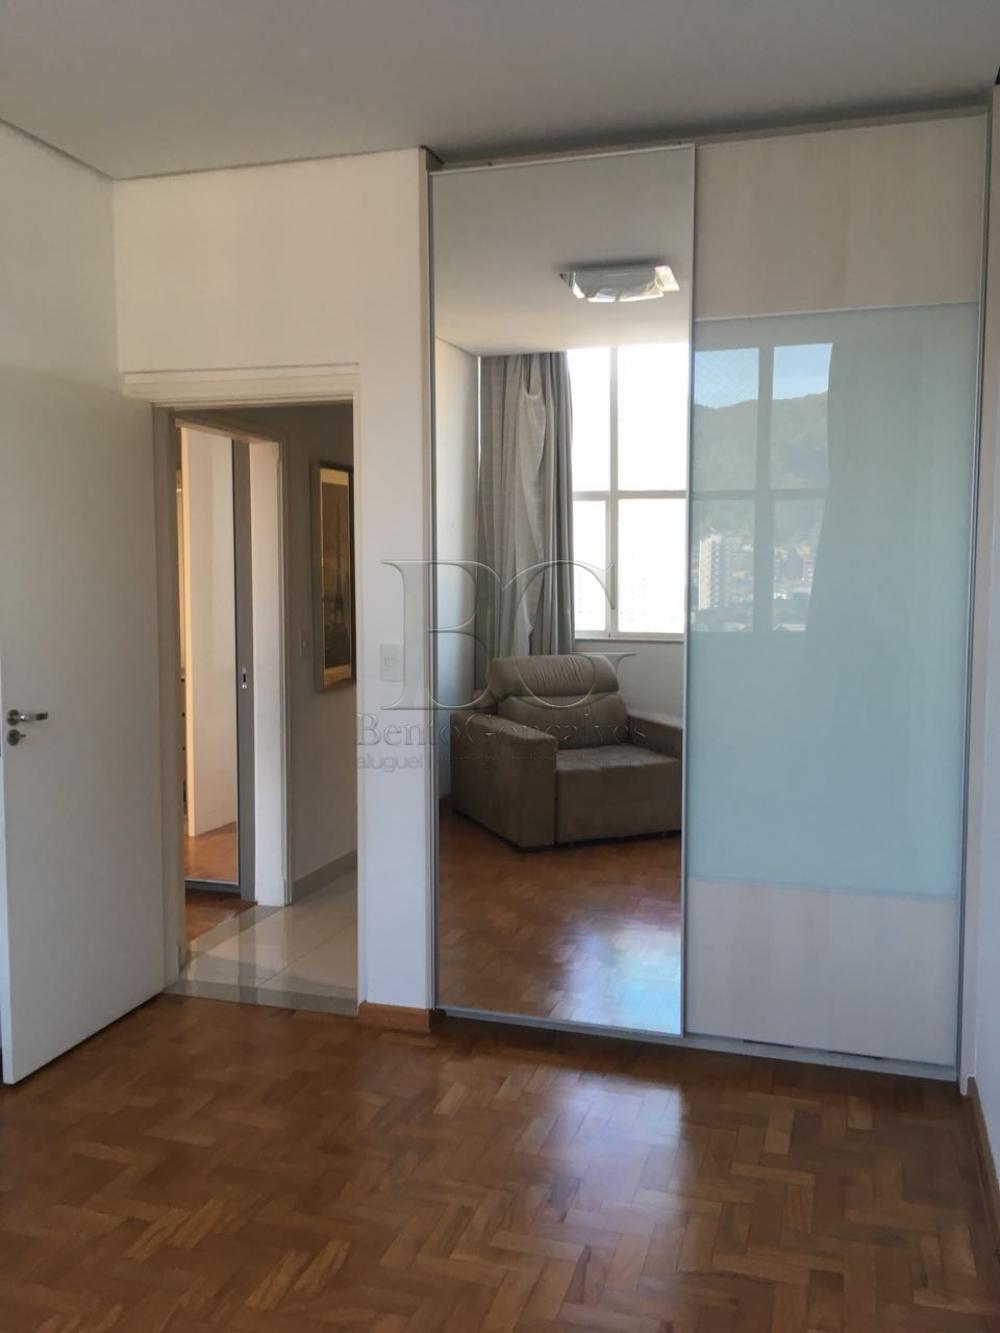 Alugar Apartamentos / Padrão em Poços de Caldas apenas R$ 2.300,00 - Foto 16